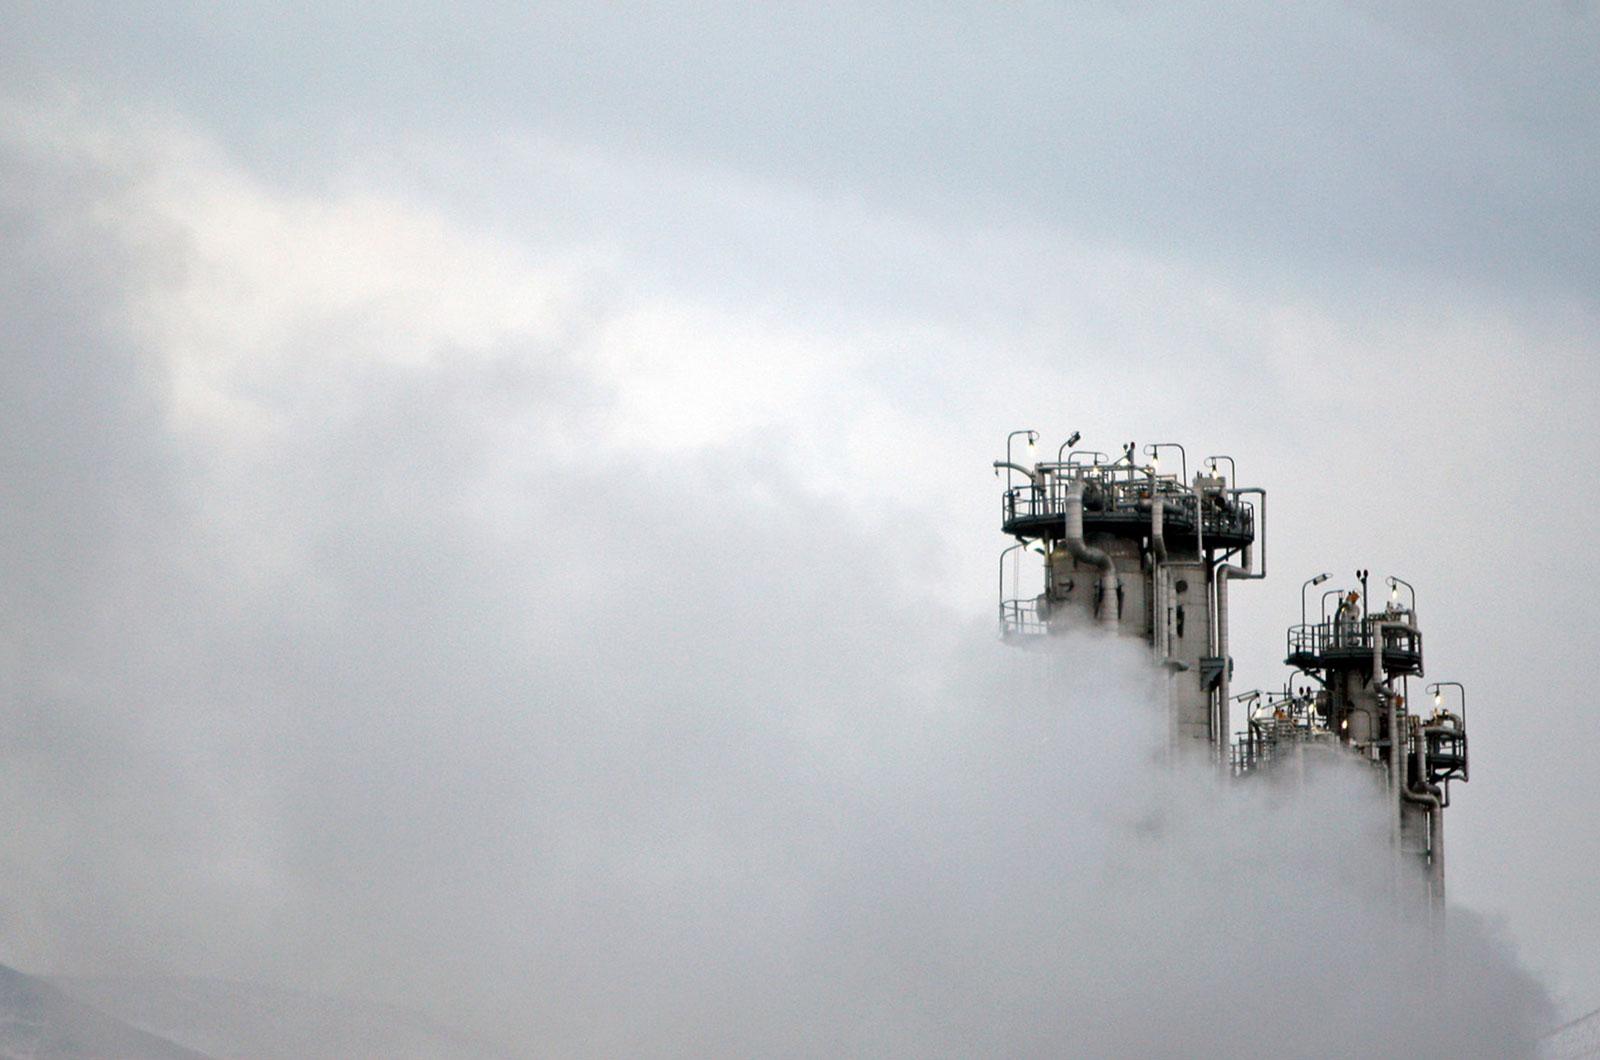 Arak heavy water nuclear facilities, Iran, January 15, 2011